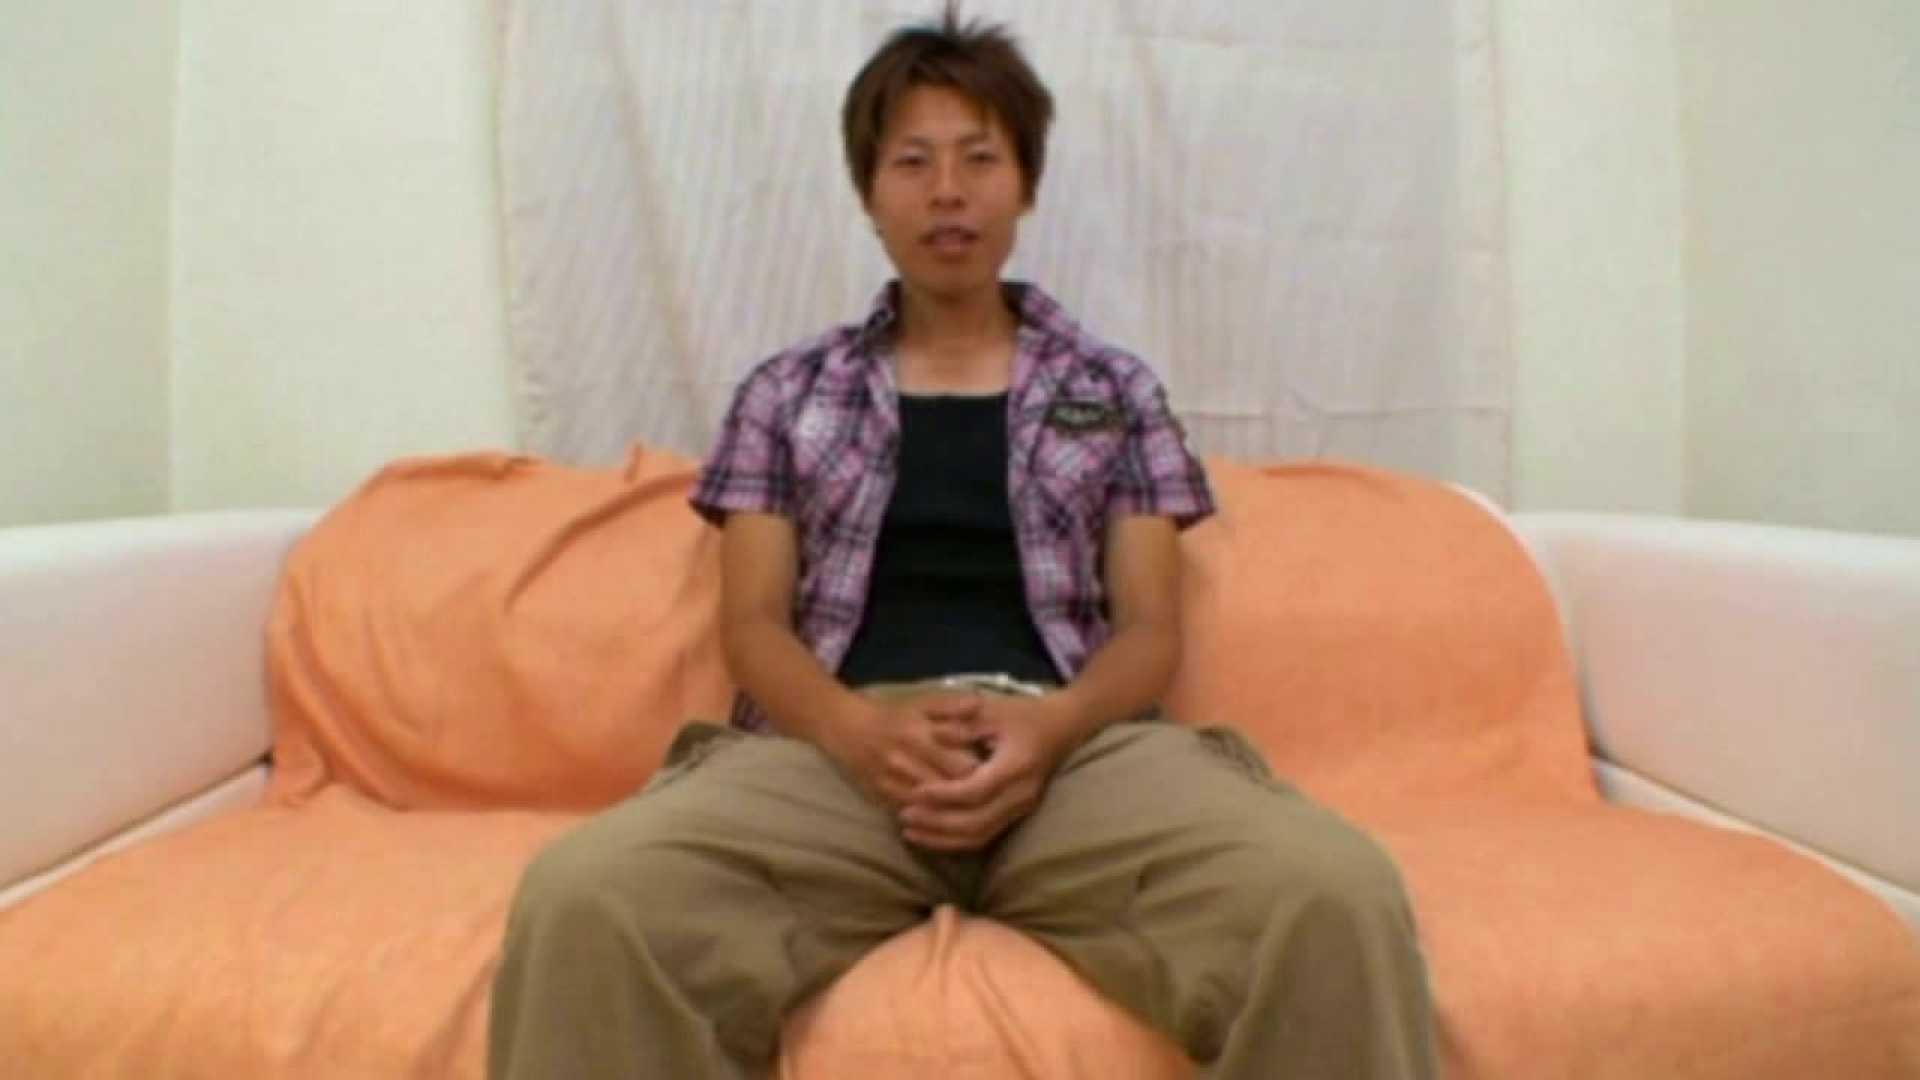 ノンケ!自慰スタジオ No.10 自慰シーン エロビデオ紹介 103枚 5